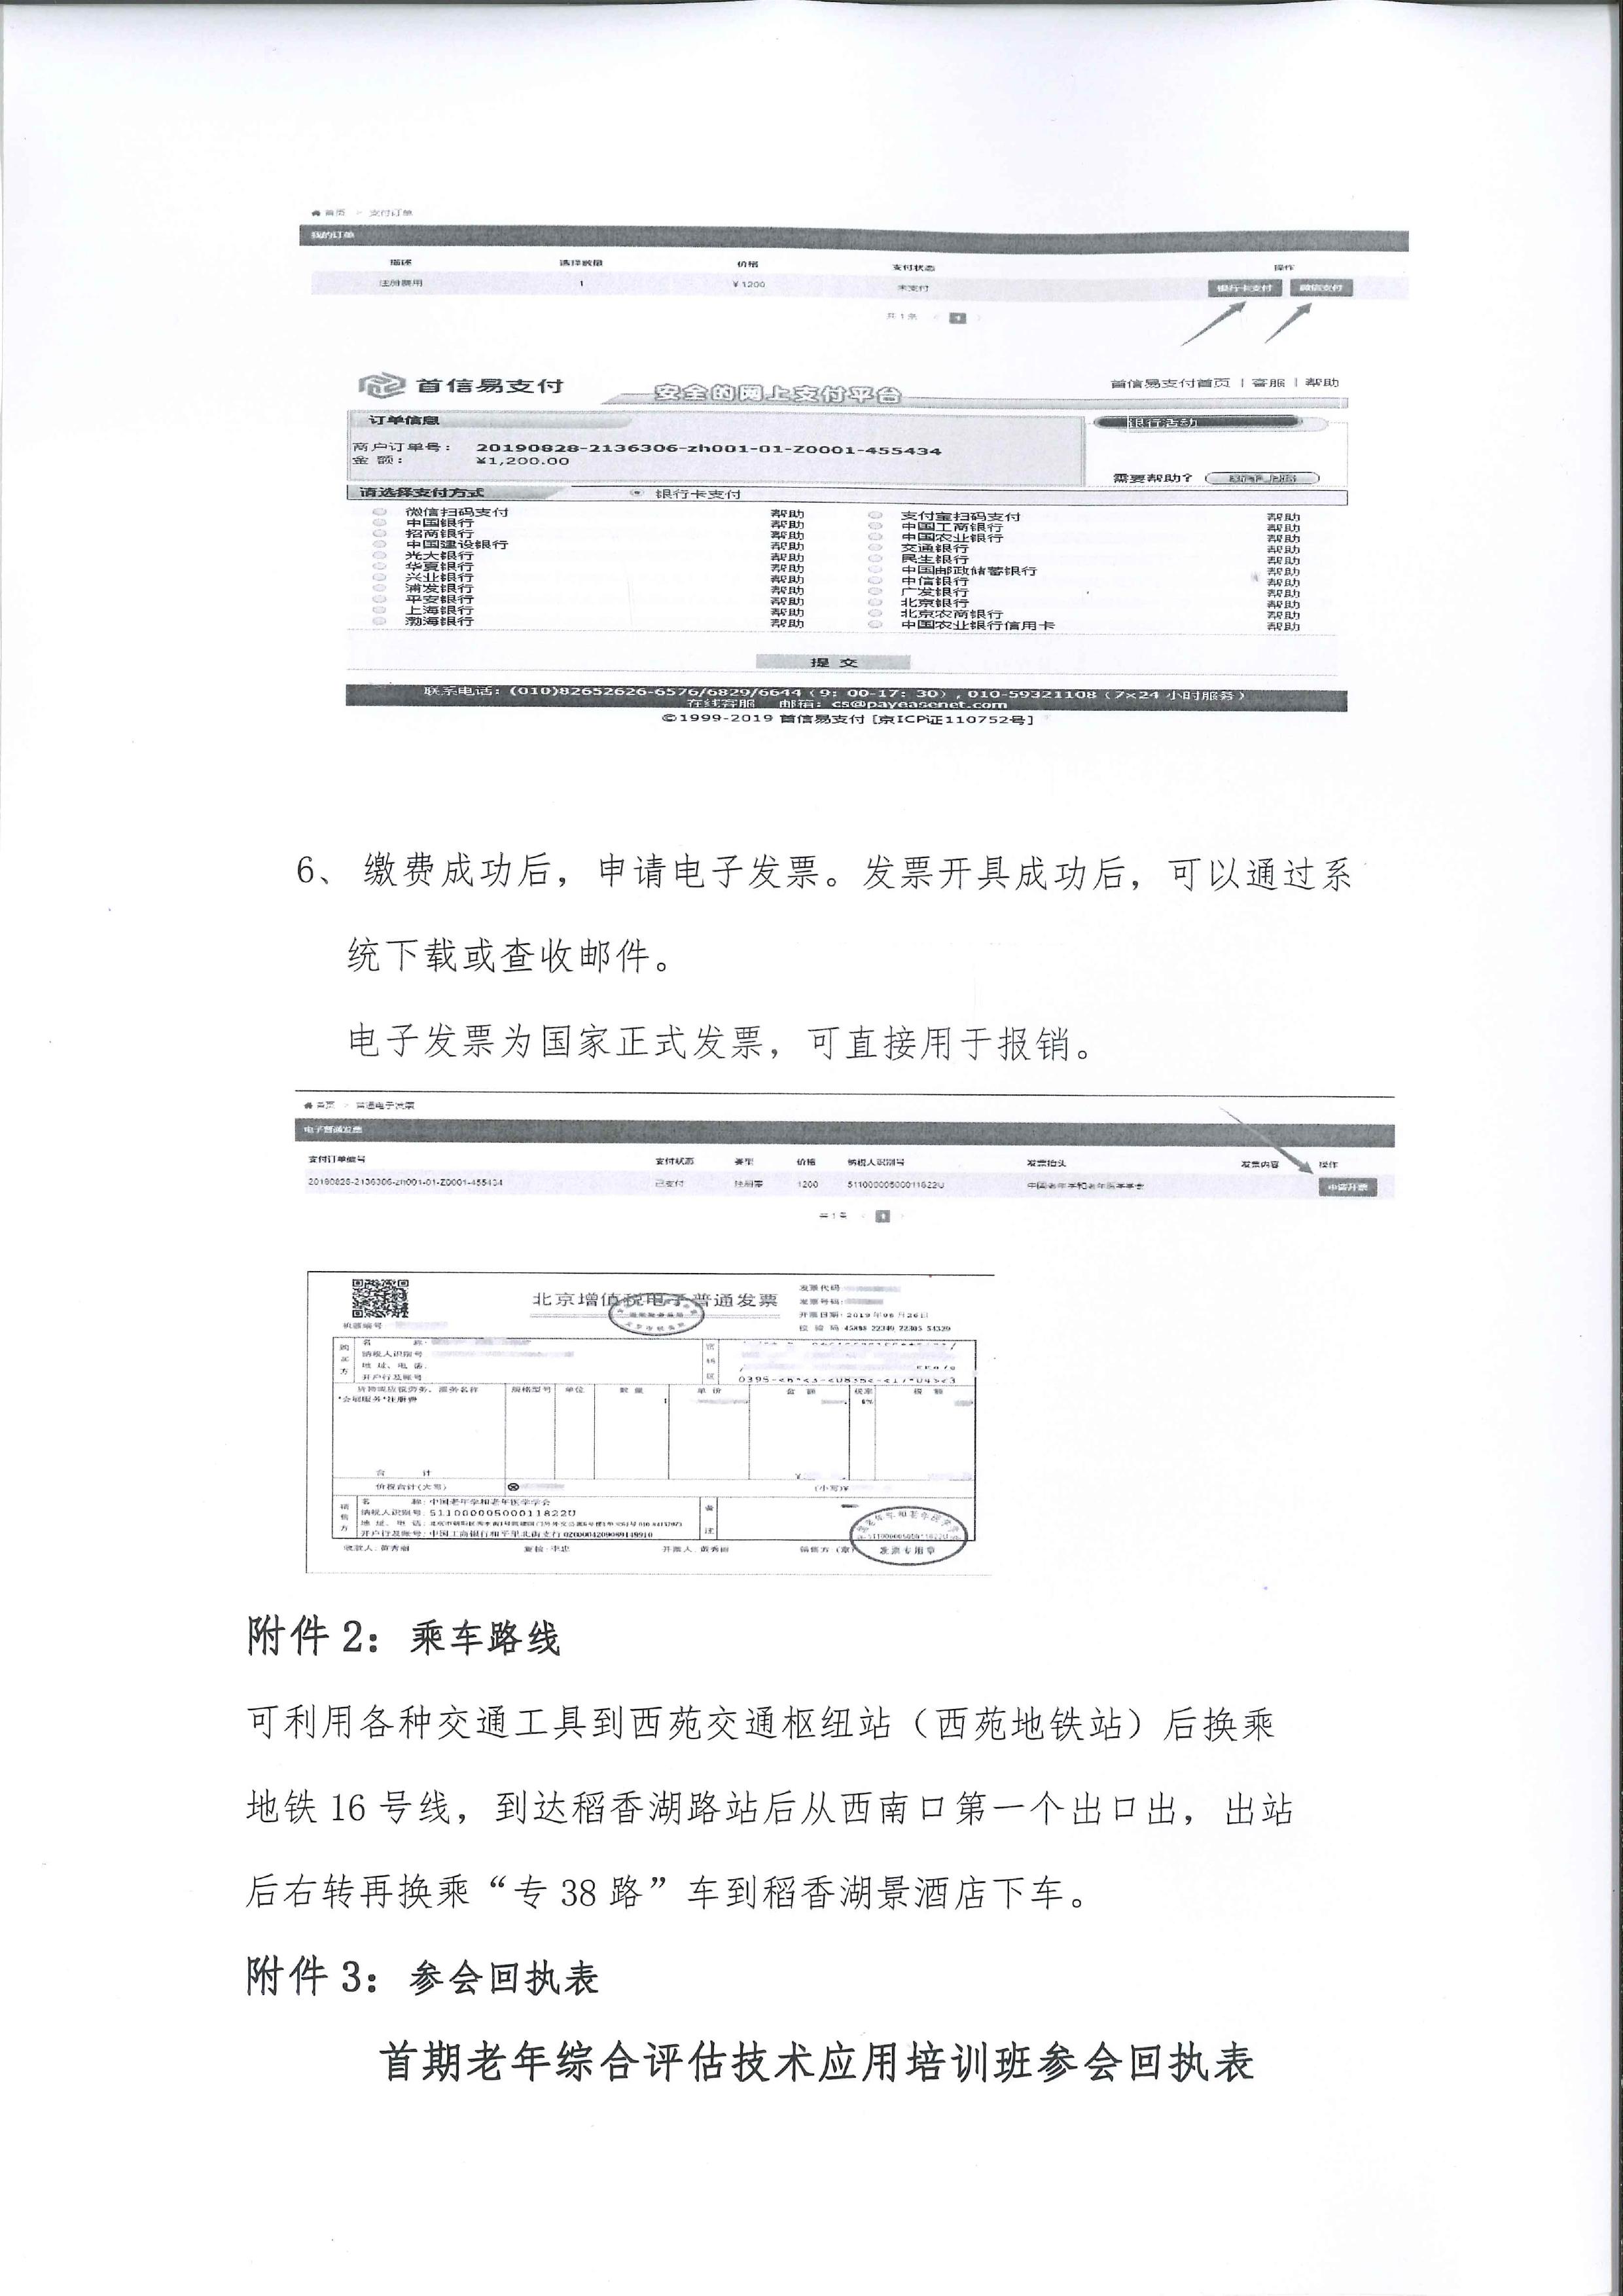 首期老年综合评估(CGA)技术应用培训班通知-5.jpg